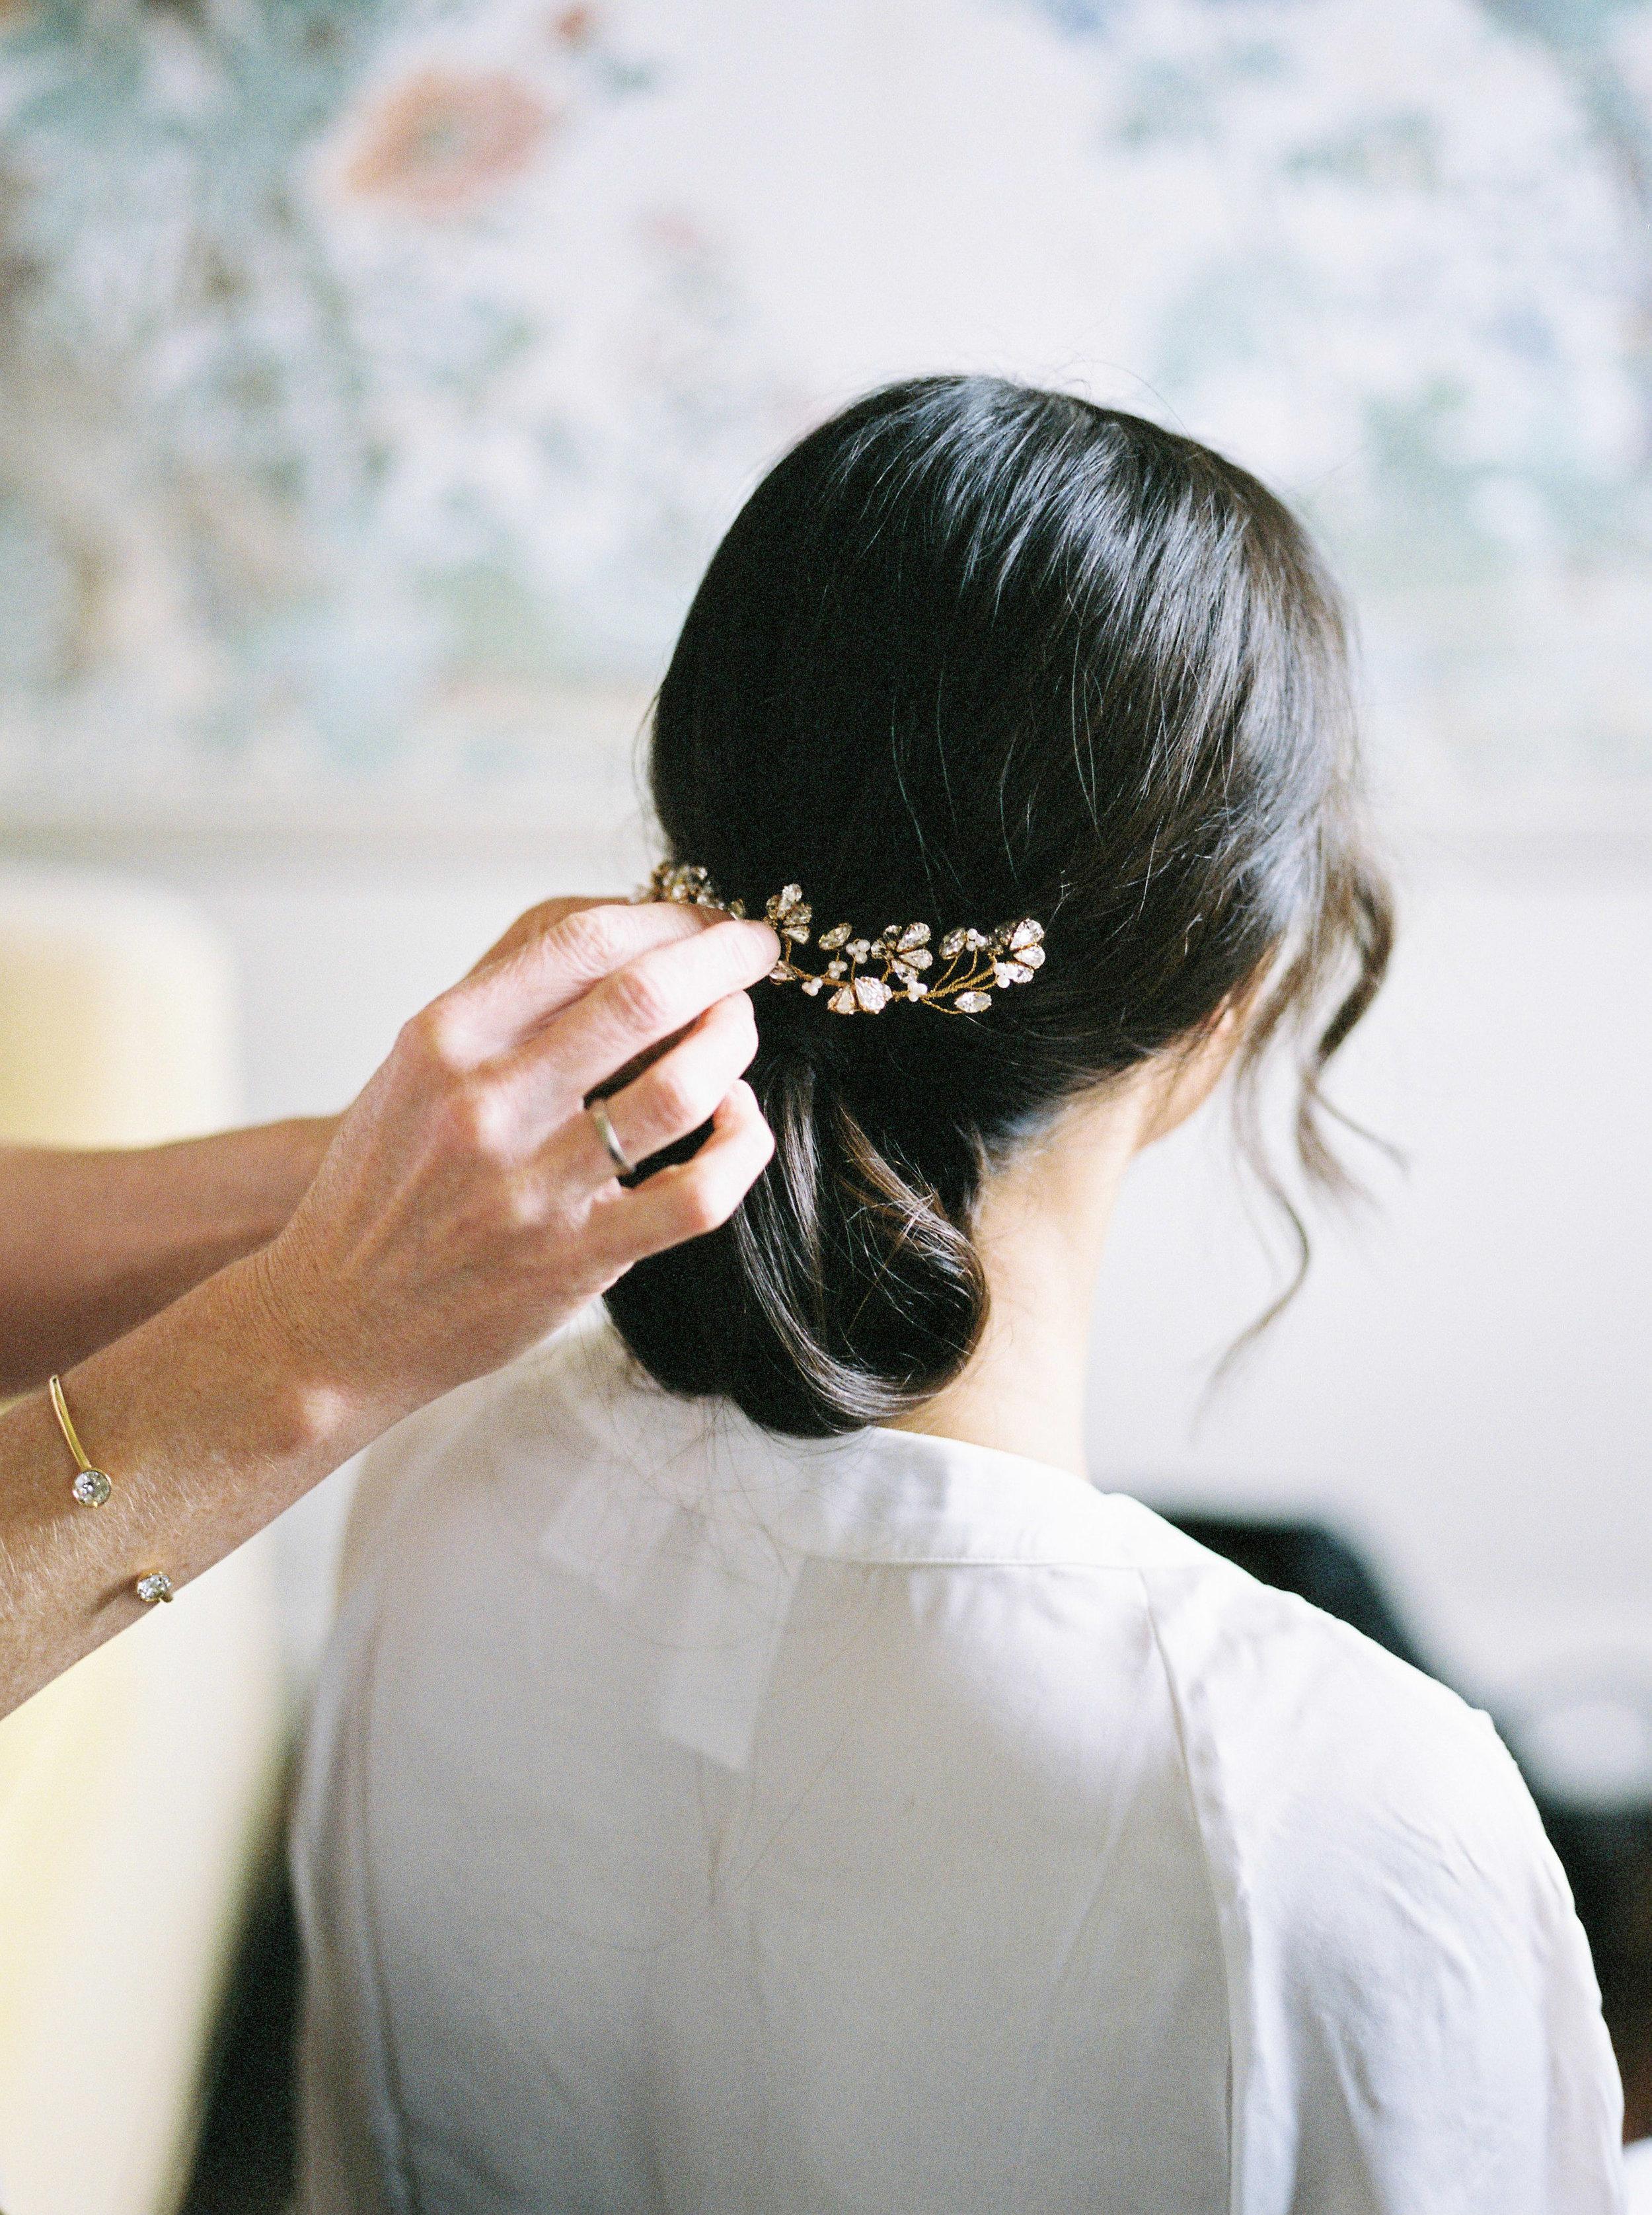 Real bride Sai in bespoke hair accessories and earrings (13).jpg